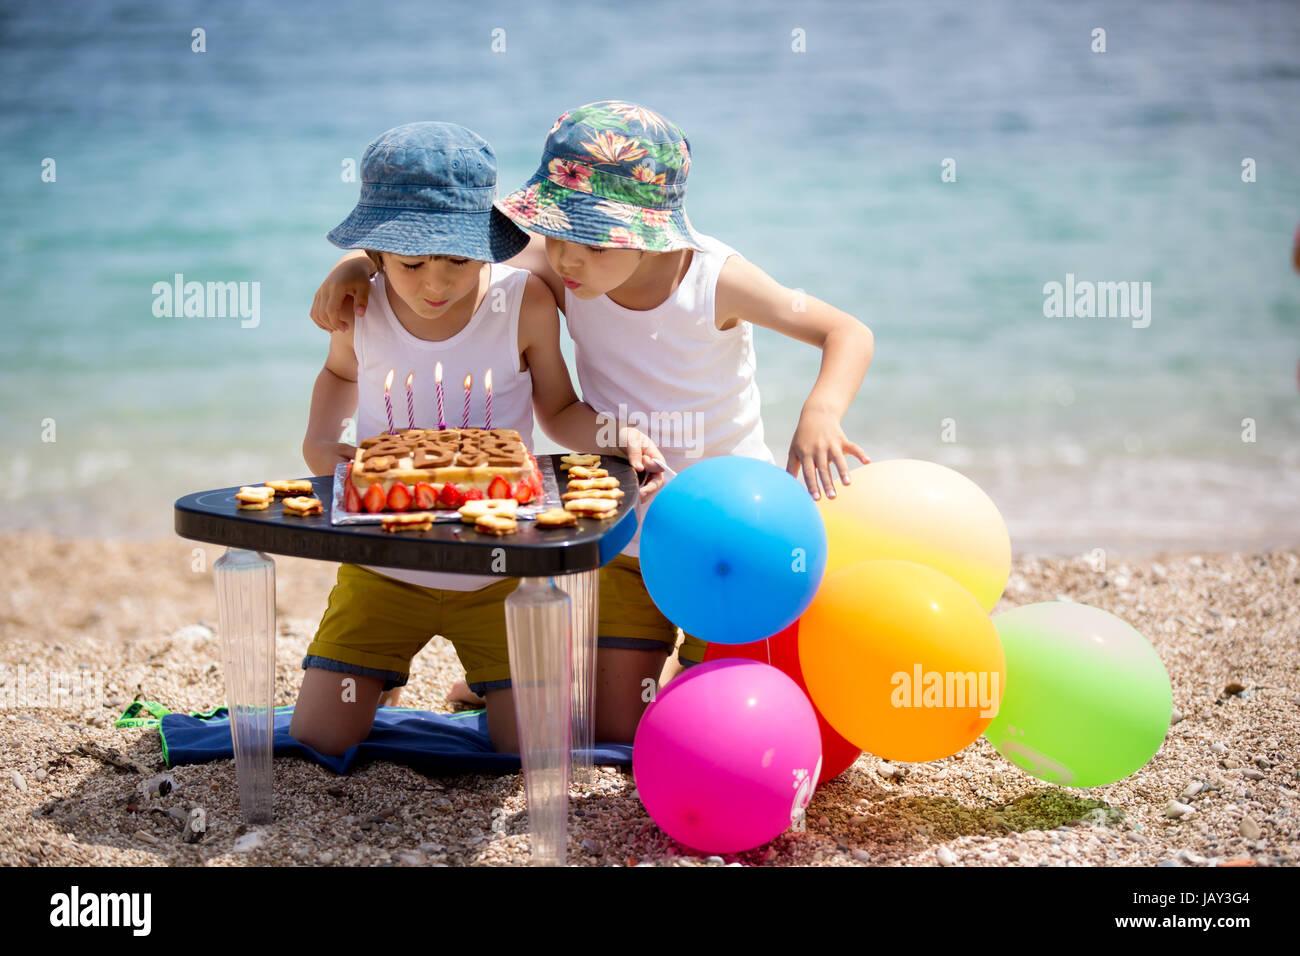 Sweet Little bambini, twin boys, celebrando il loro sesto compleanno sulla spiaggia, torta, palloncini, candele, Immagini Stock